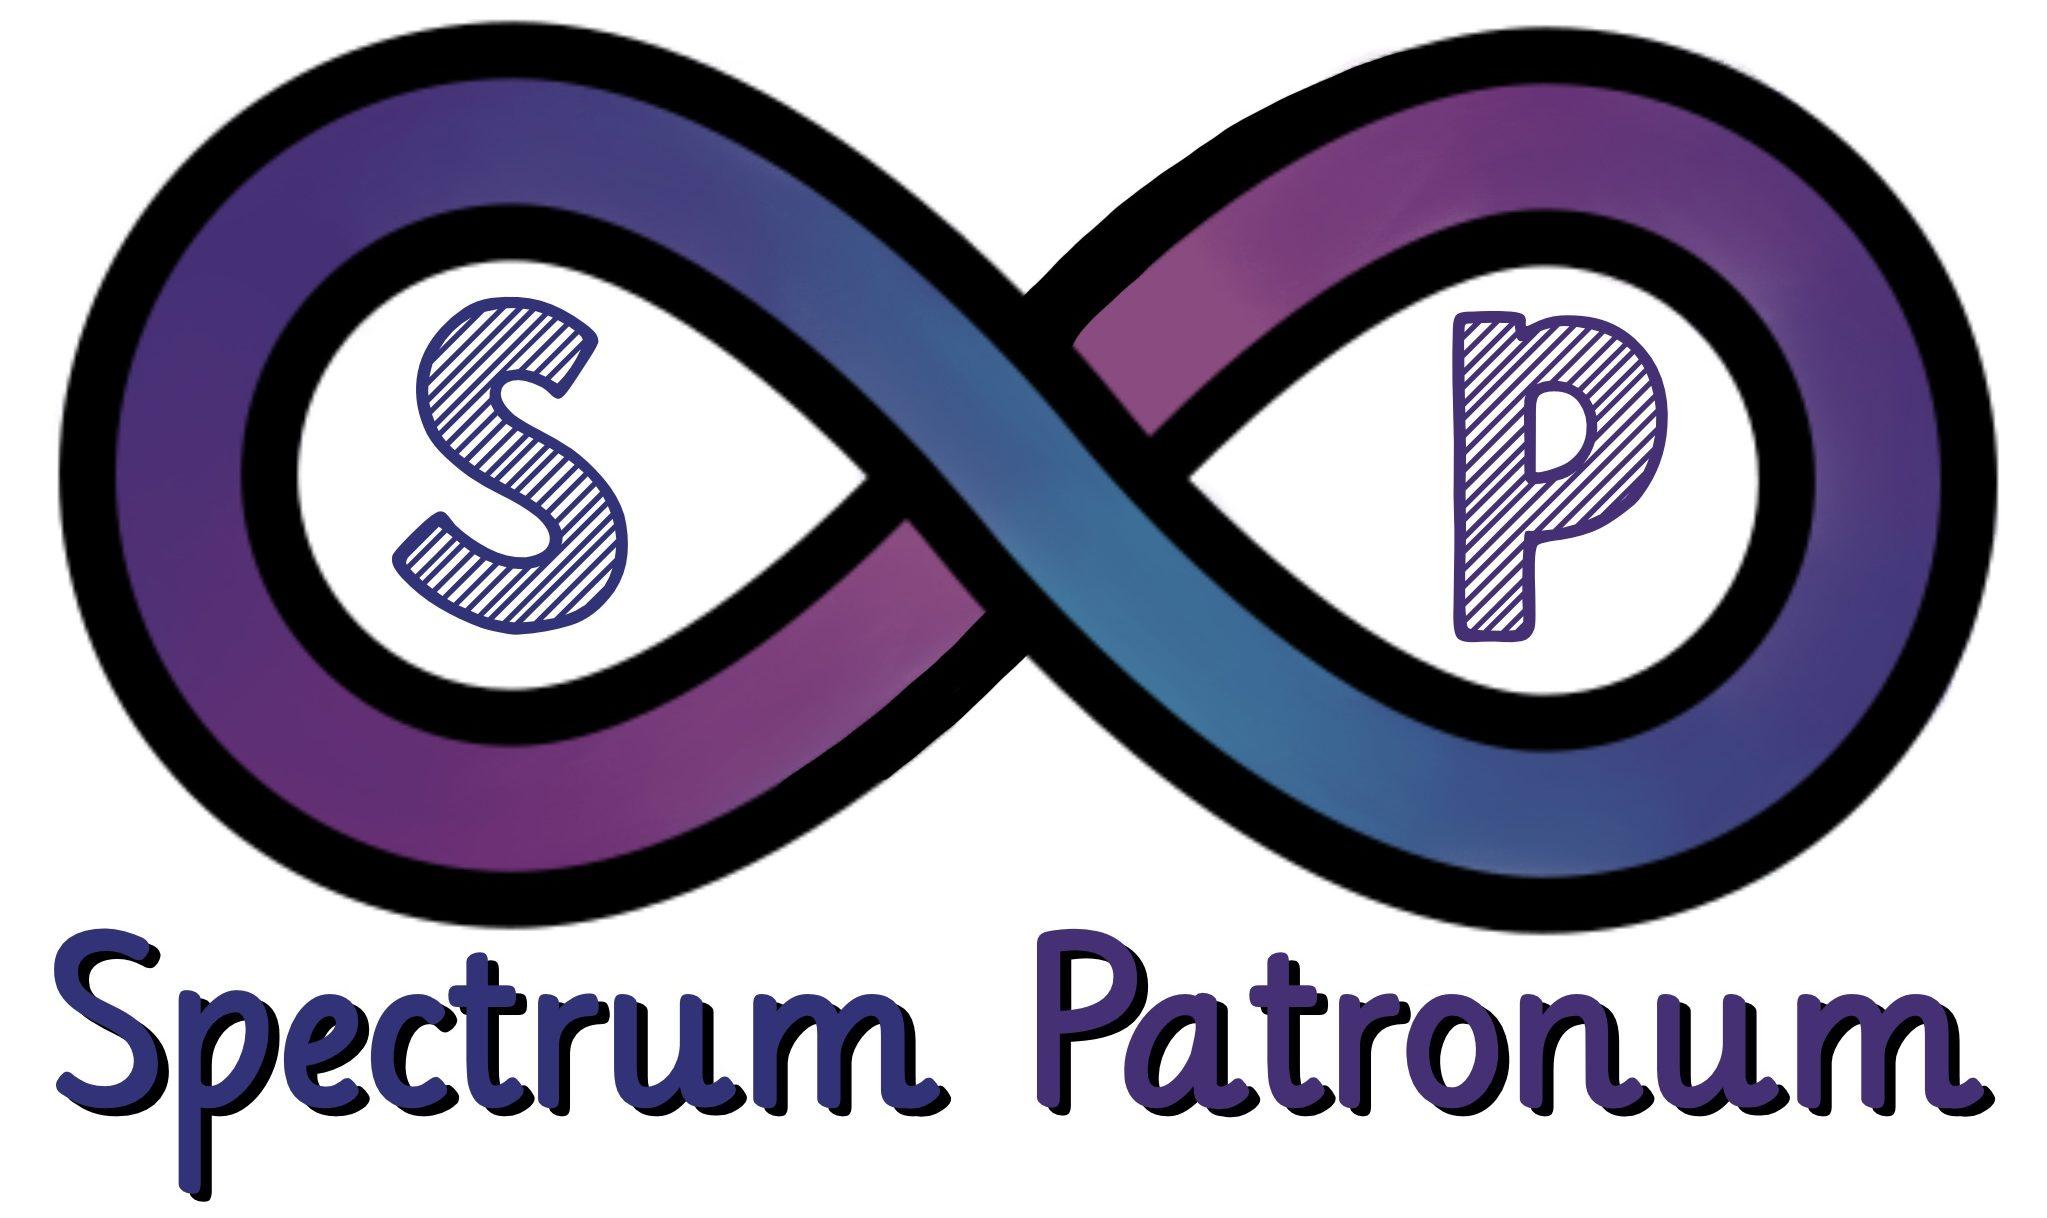 Spectrum Patronum